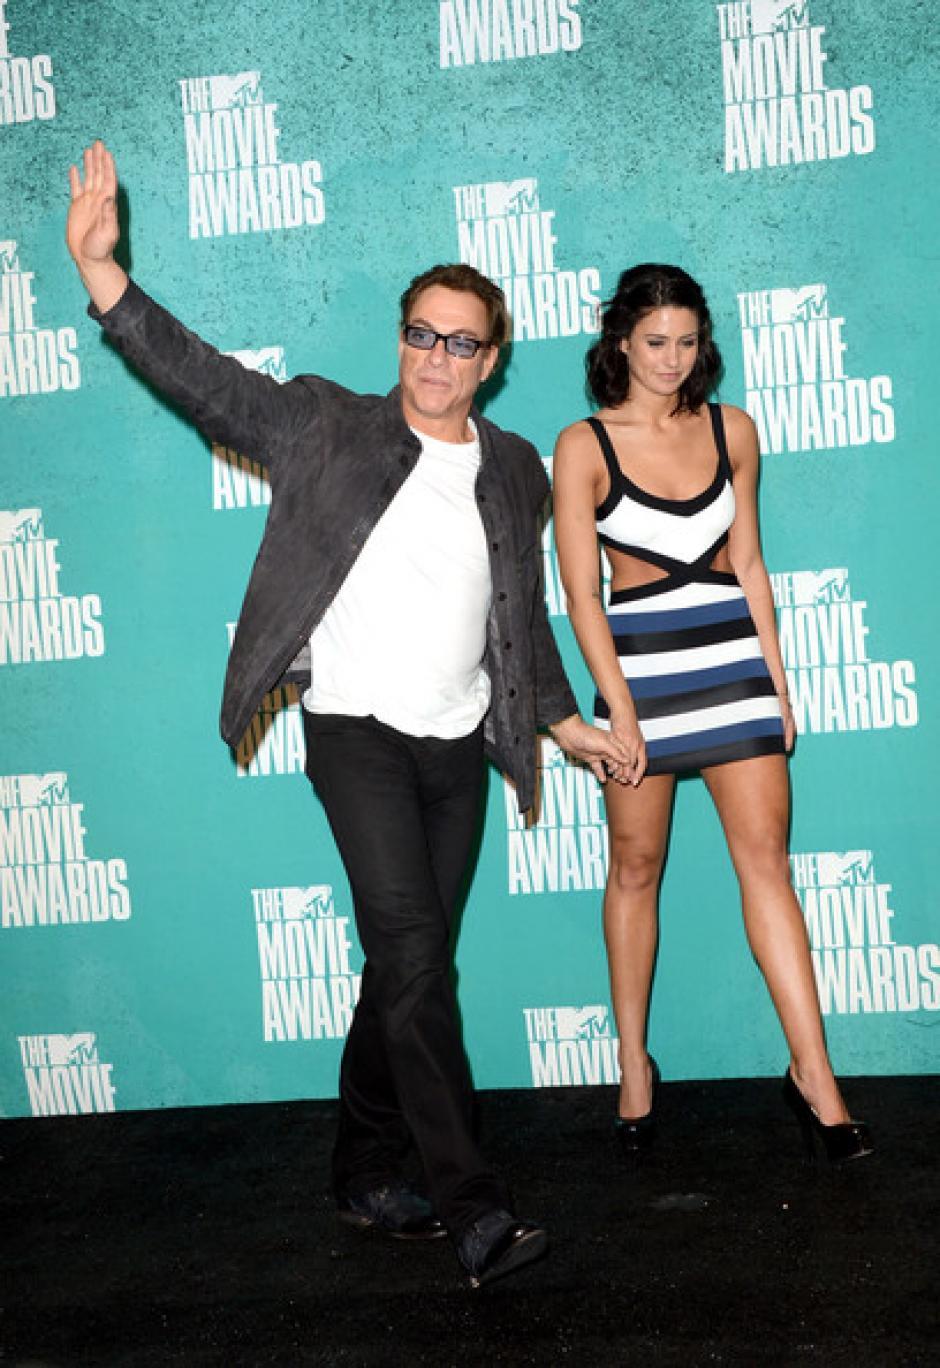 Van Damme ha acompañado a su hija a varios eventos. (Foto: Fotograma)